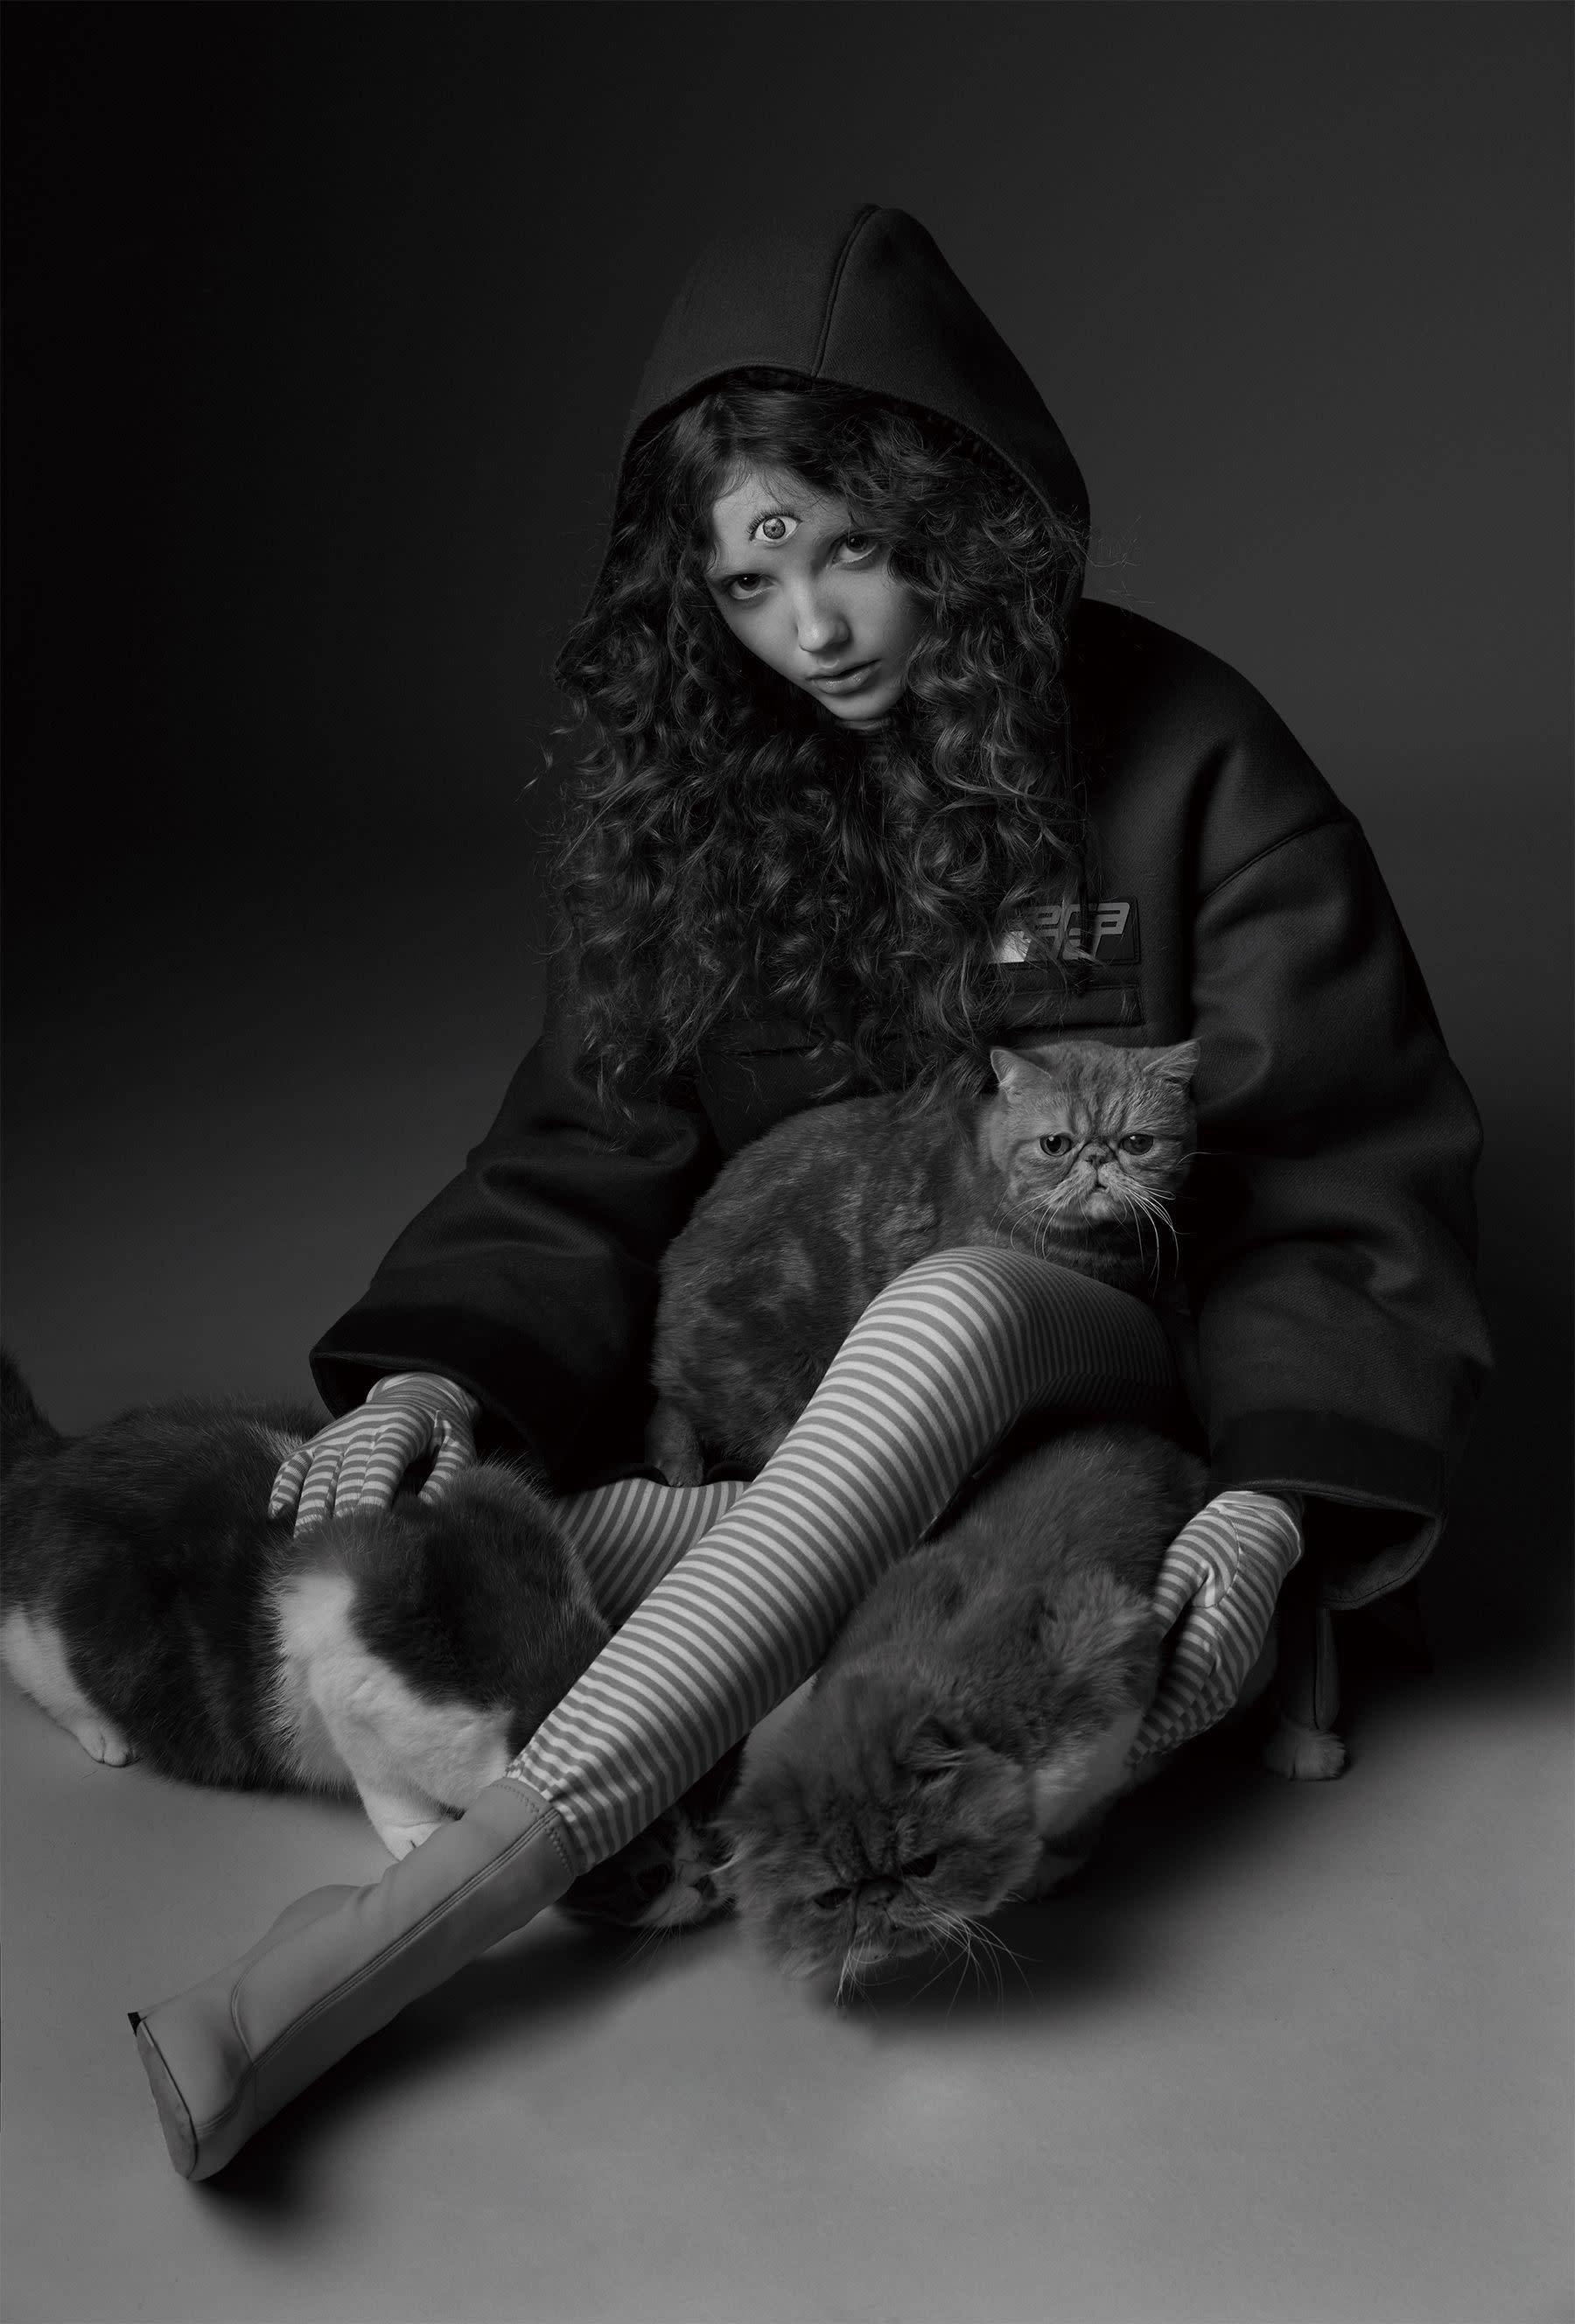 上衣,Prada;鞋,Giuseppe Zanotti;褲襪、手套,私人提供。